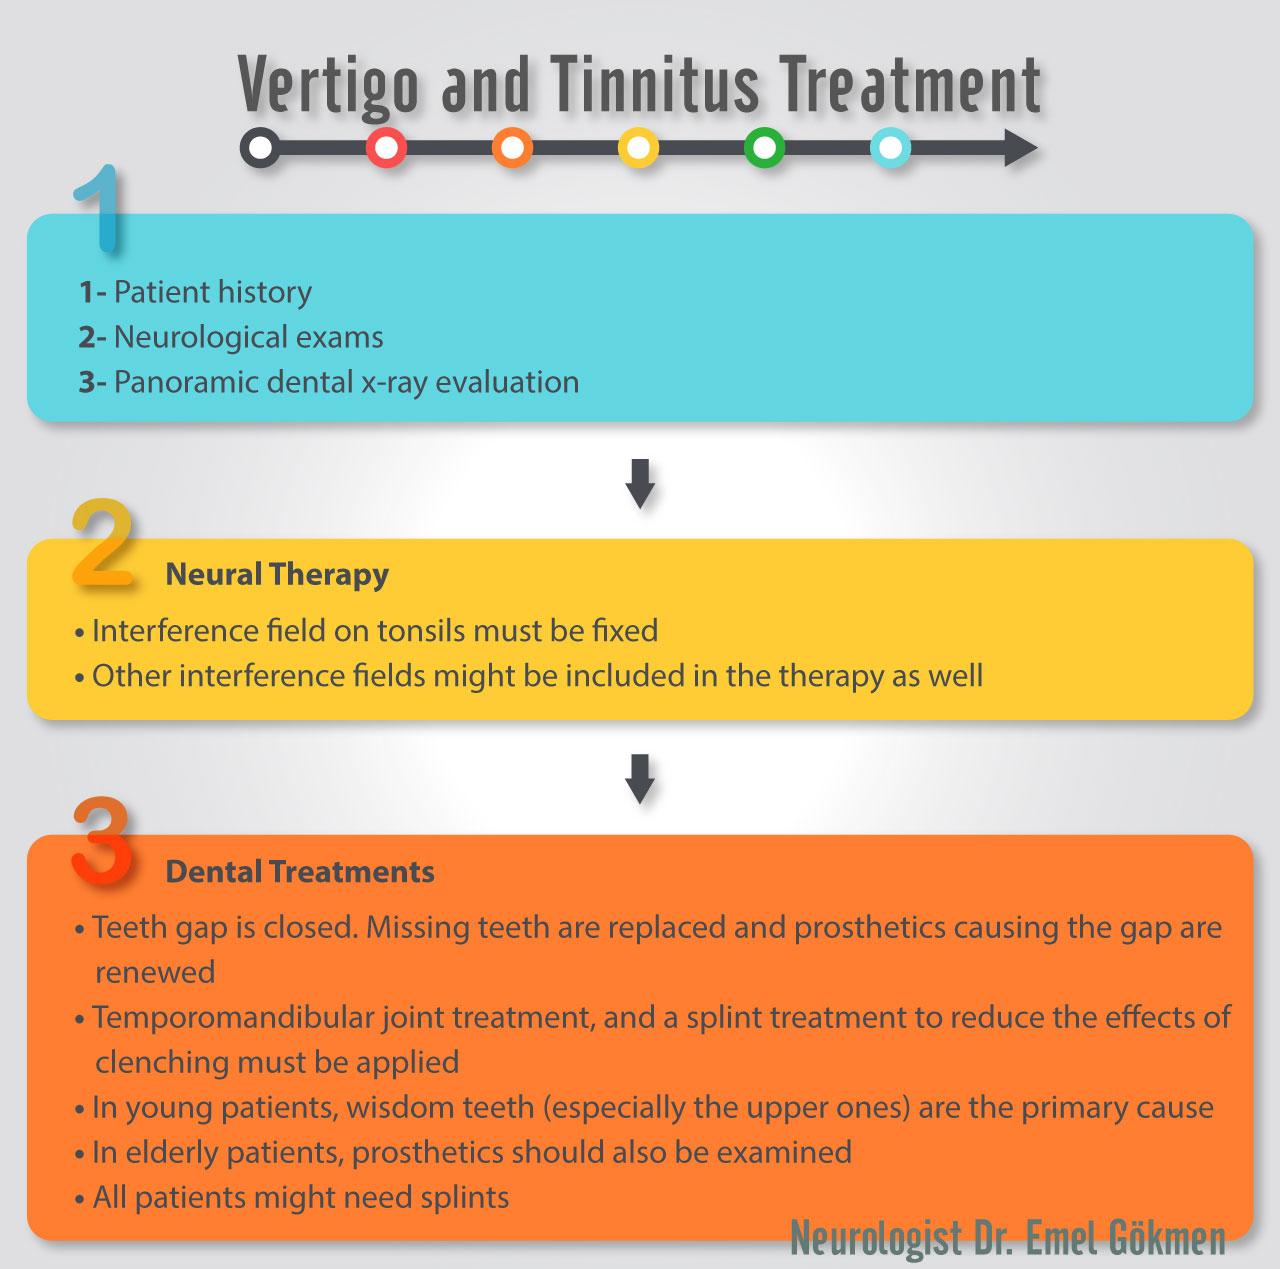 Vertigo and tinnitus treatment infographic Dr. Emel Gokmen